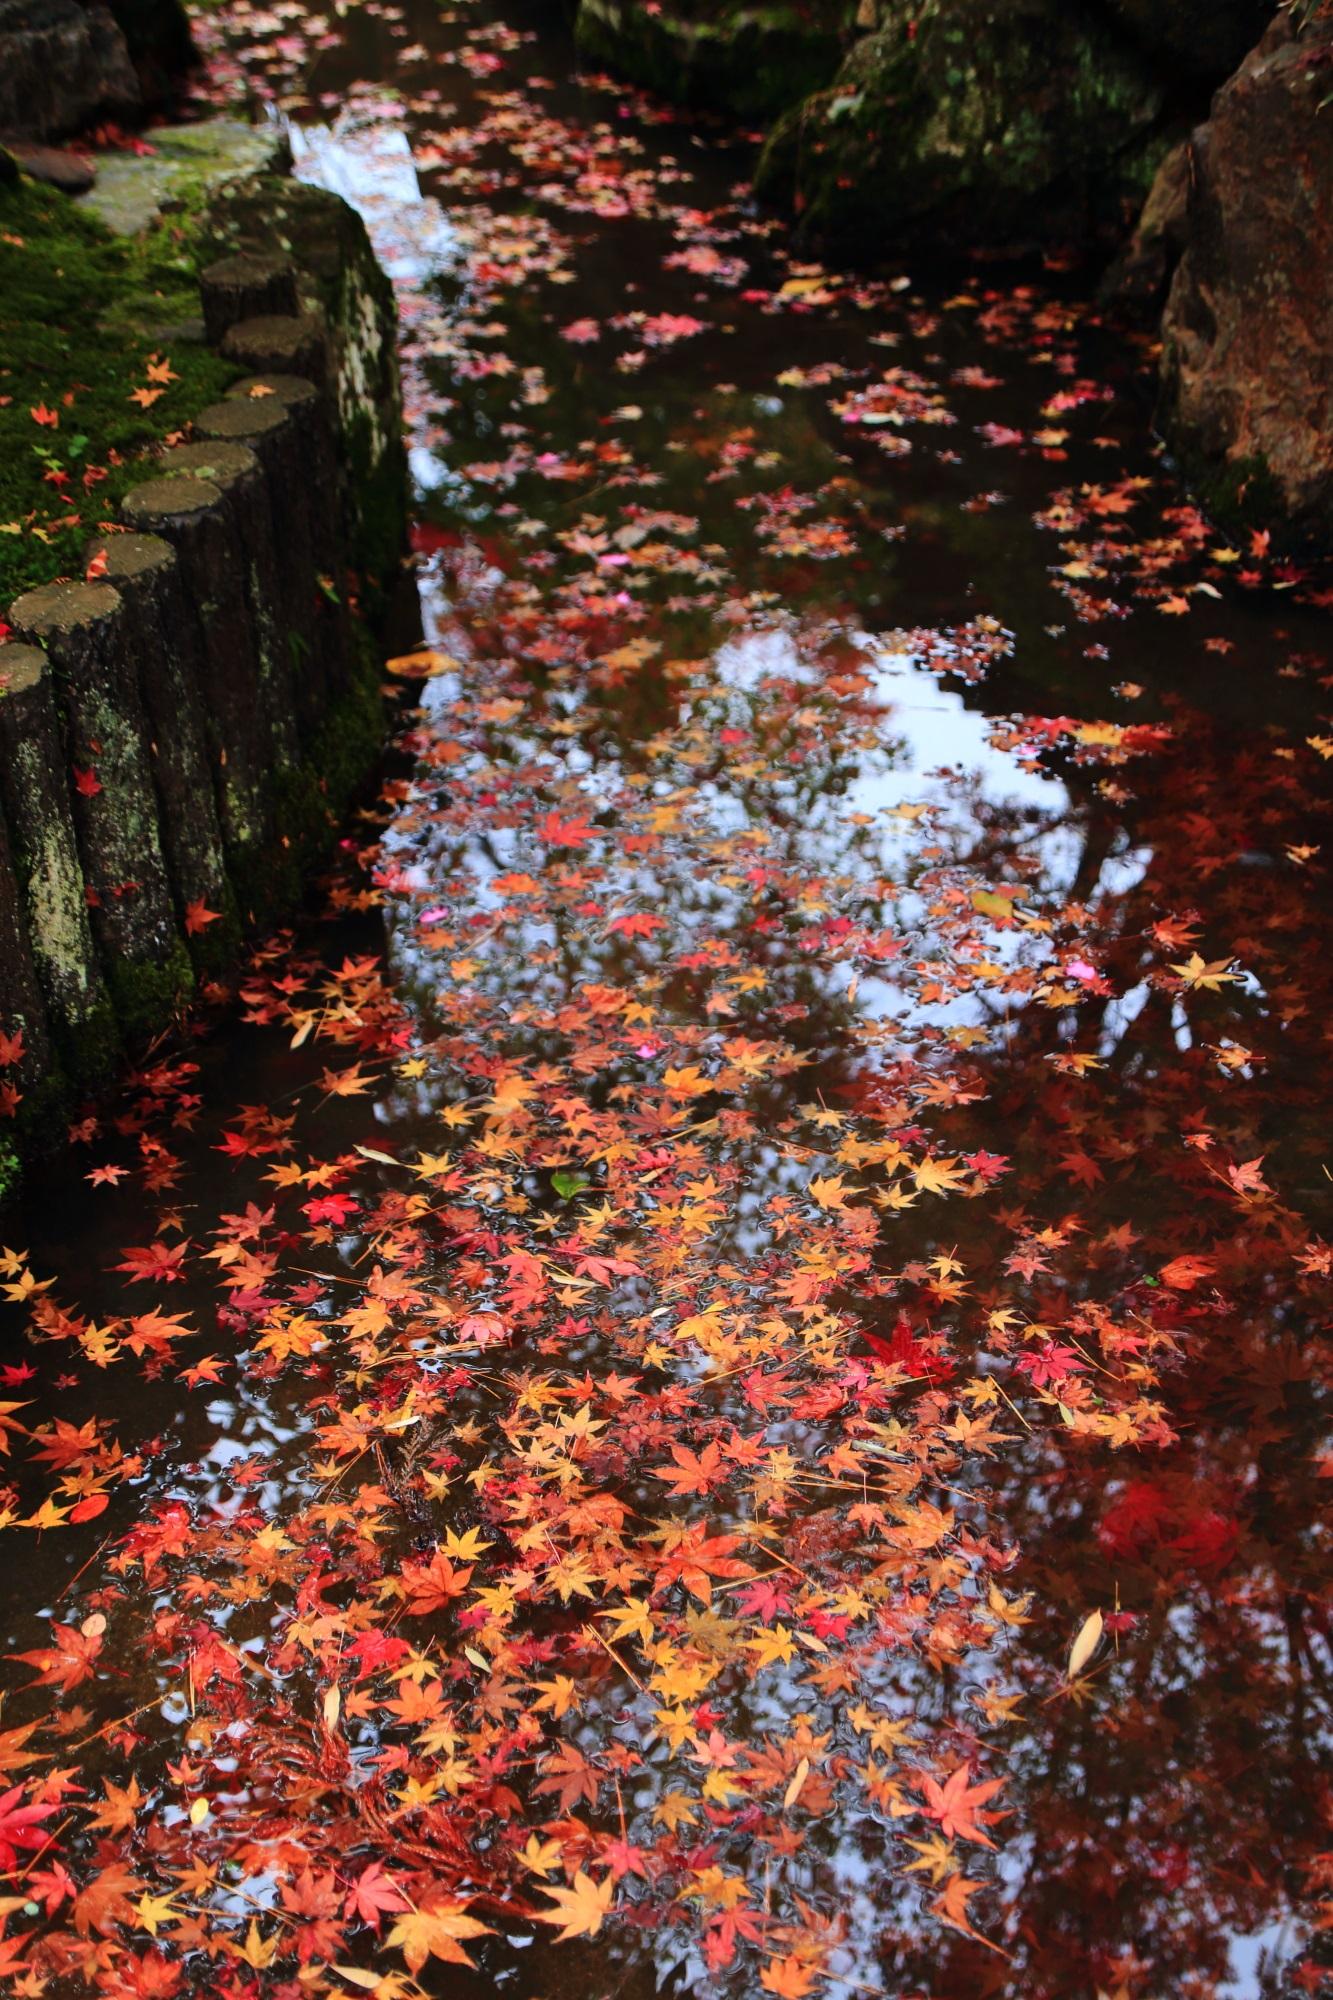 天授庵の華やかな散り紅葉の流れ